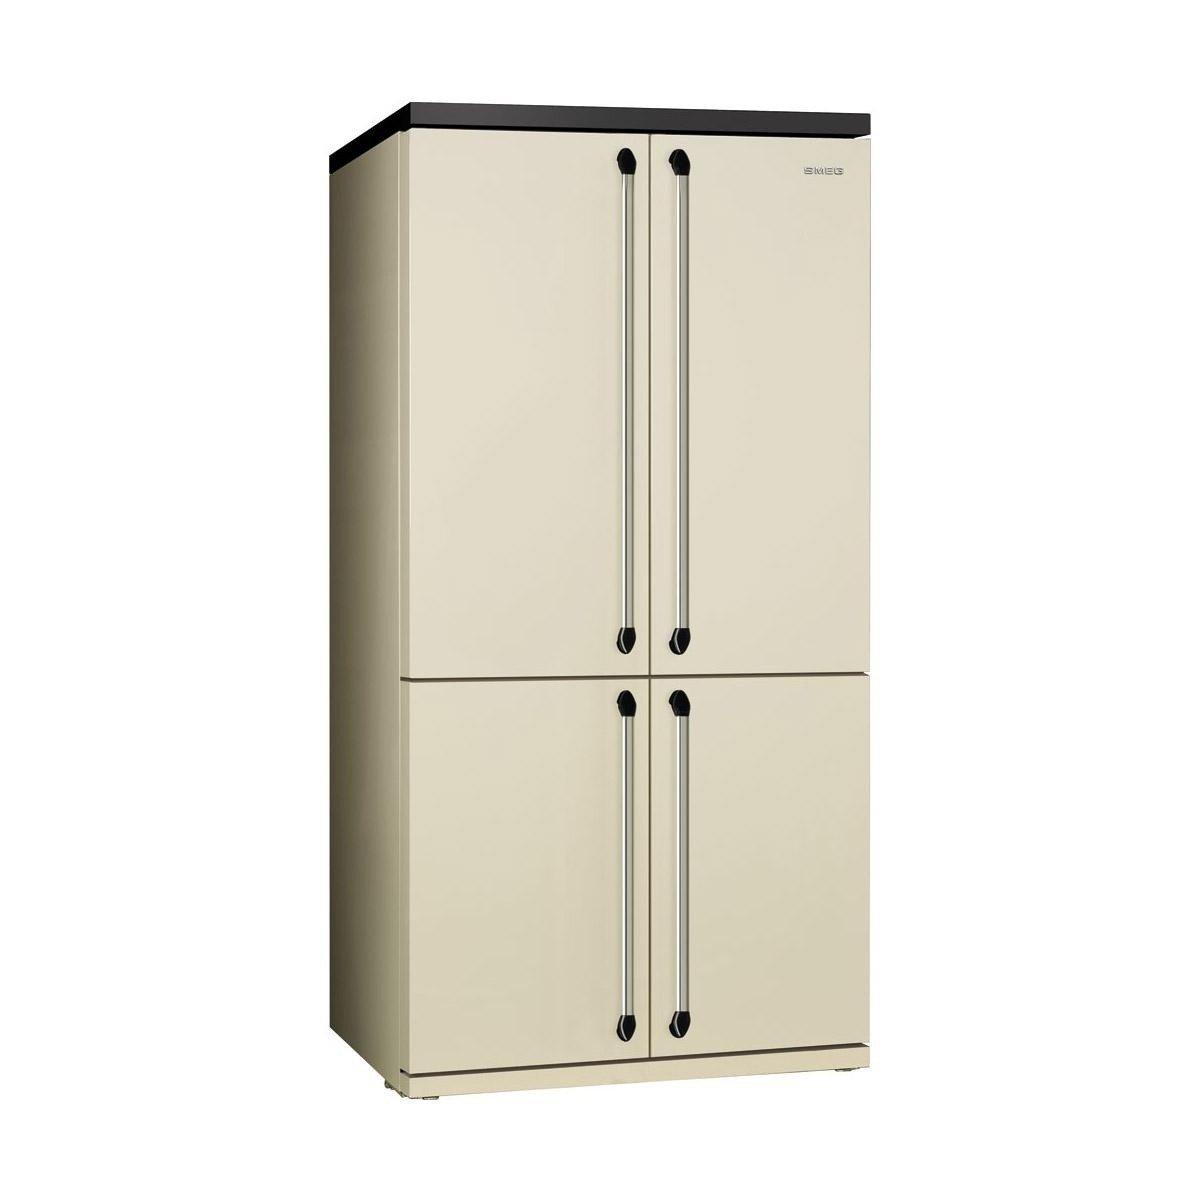 fq960p side by side refrigerator smeg. Black Bedroom Furniture Sets. Home Design Ideas